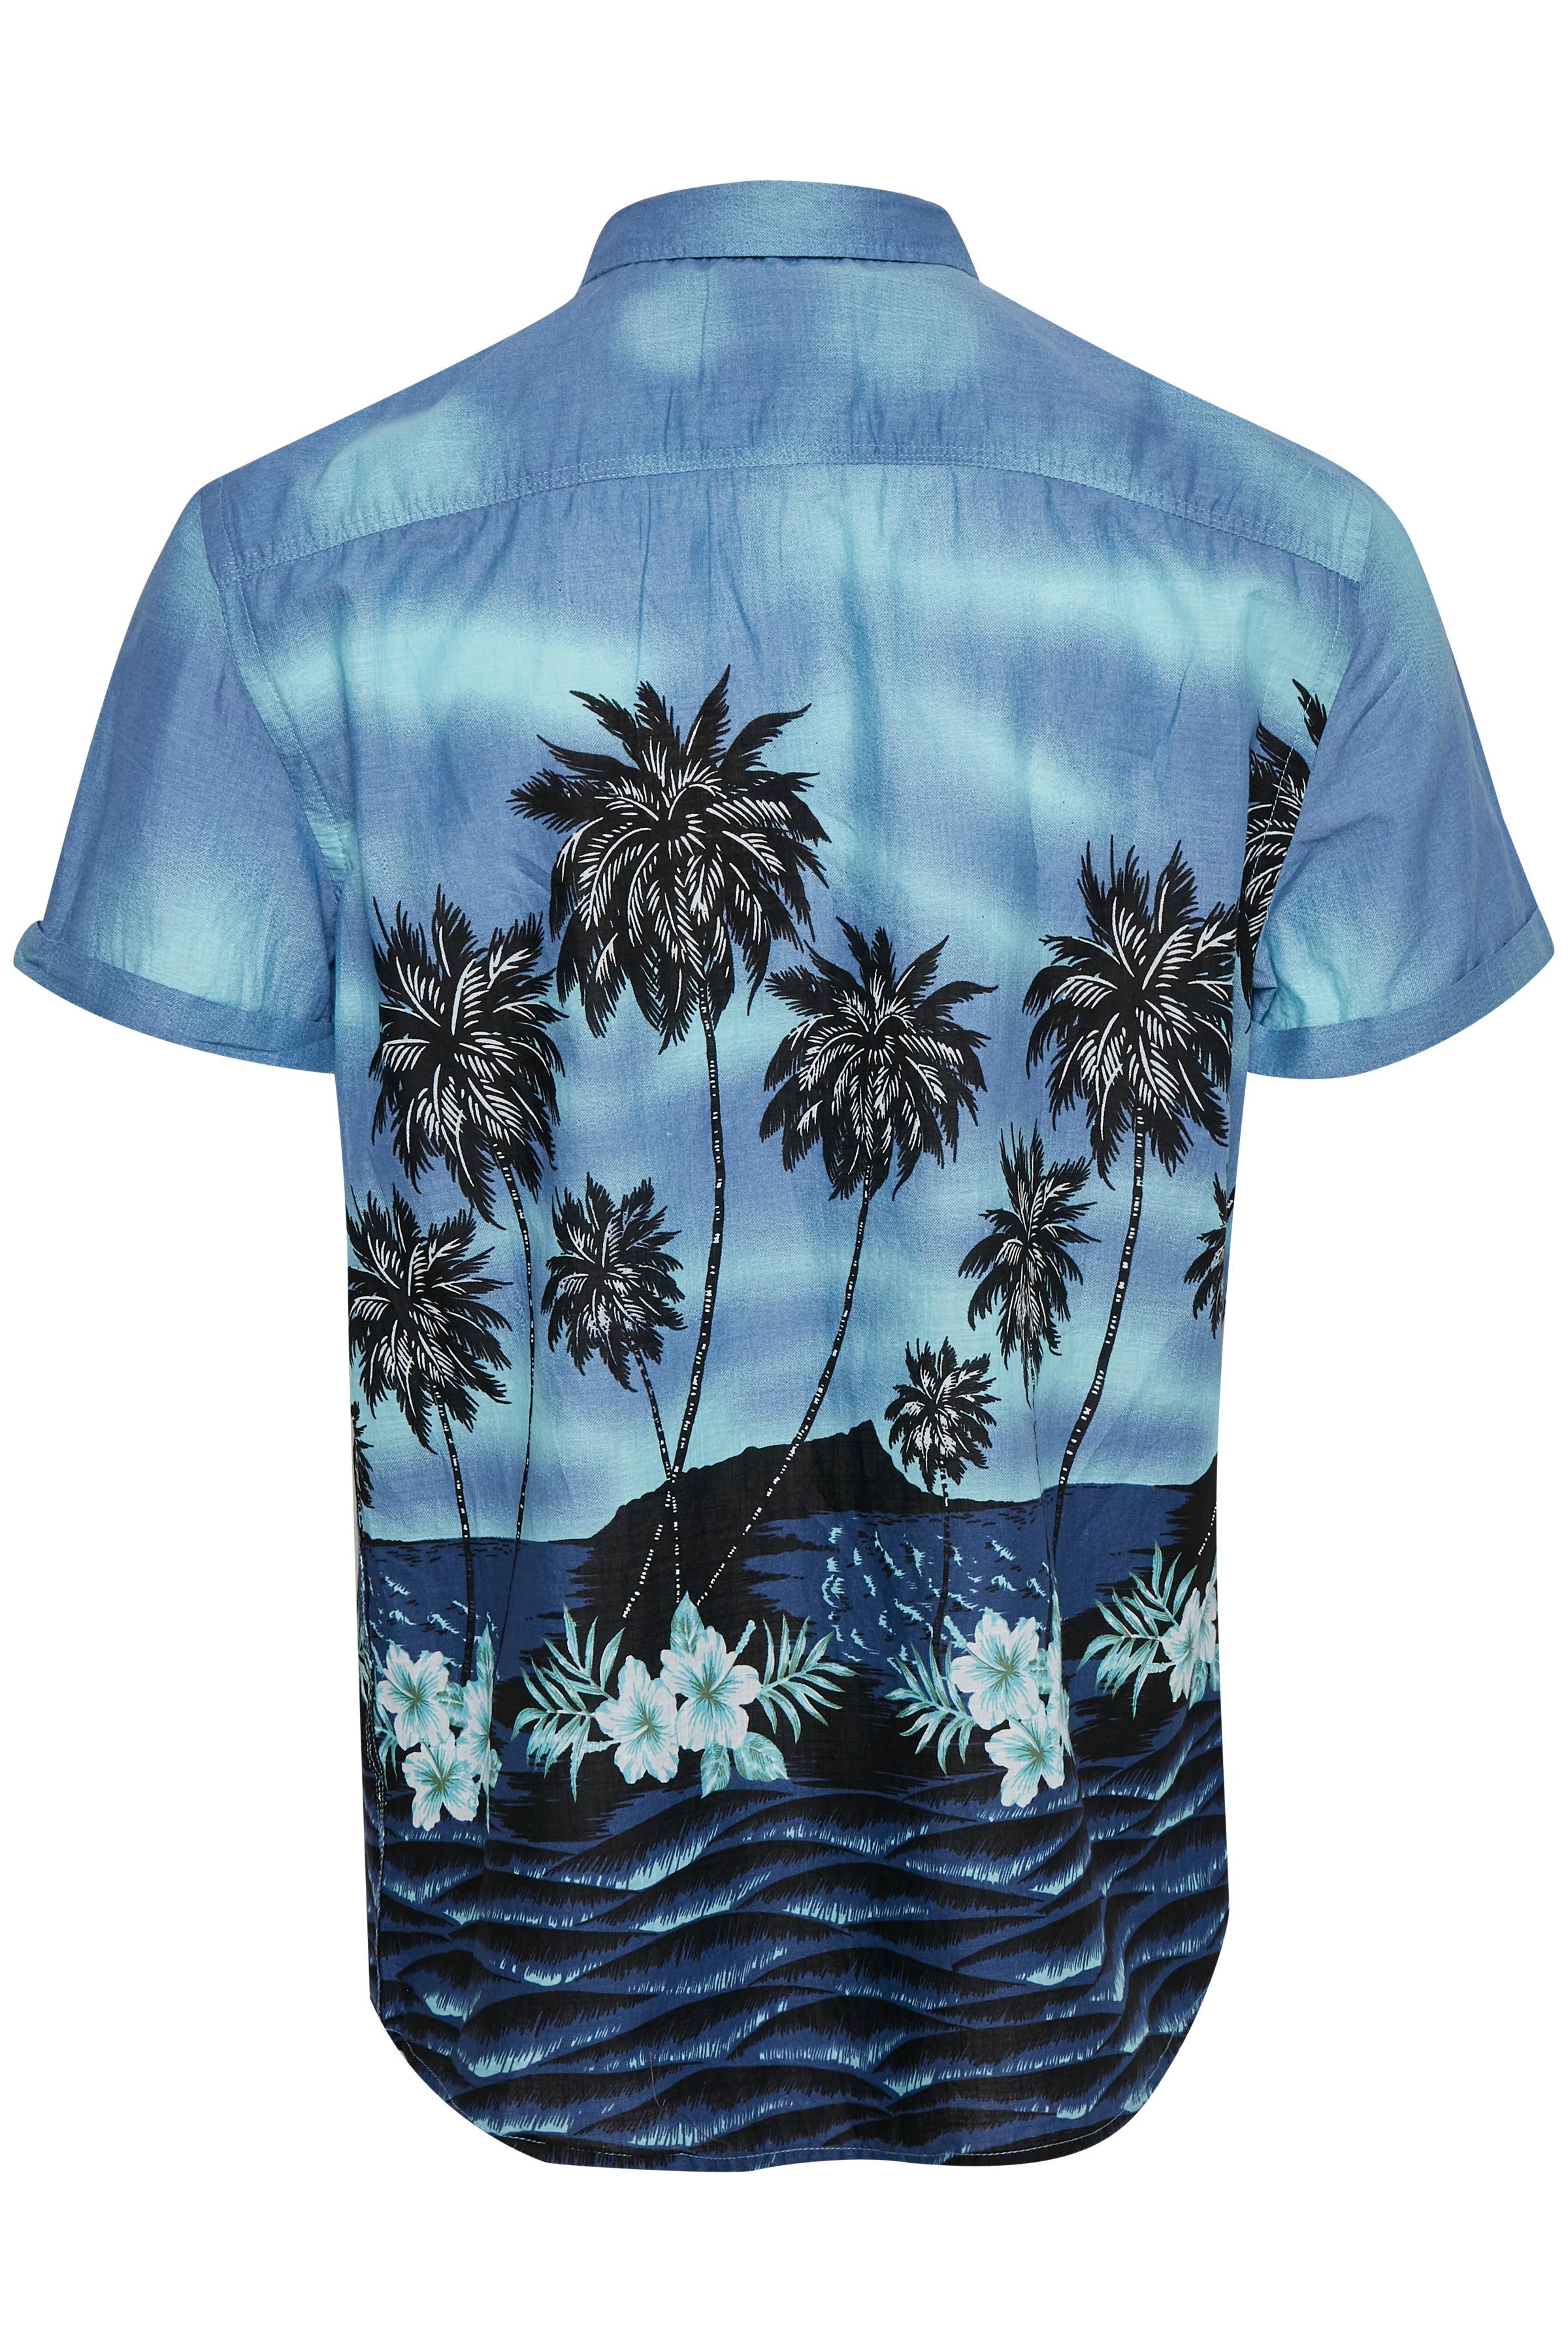 Ensign blue Skjorte – Køb Ensign blue Skjorte fra str. S-XXL her